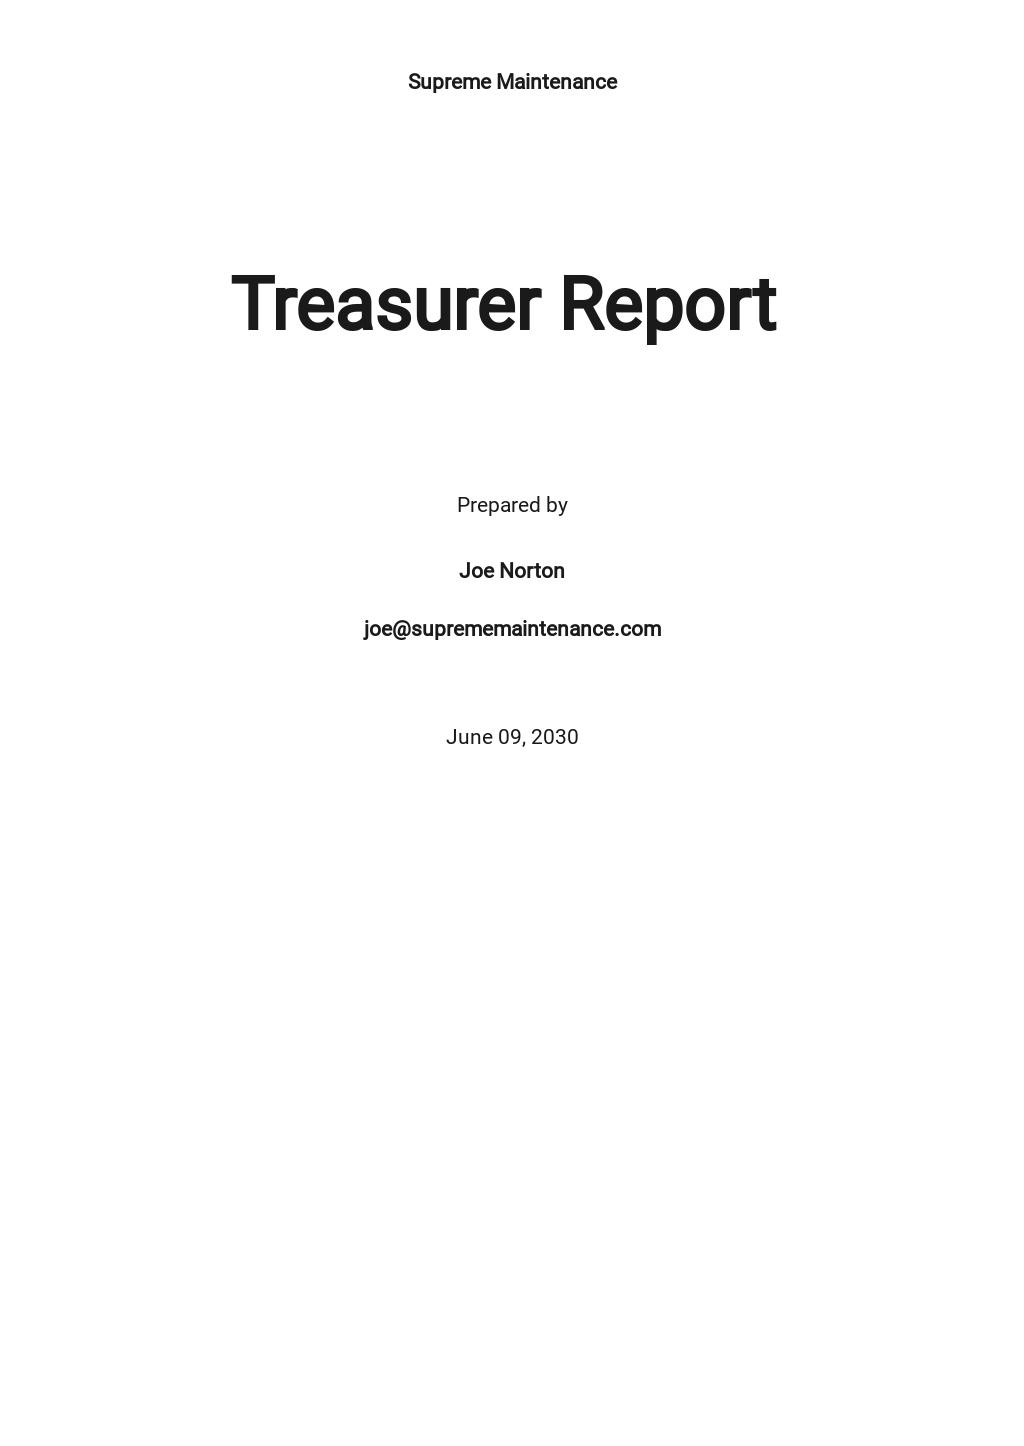 Treasurer Report Template.jpe